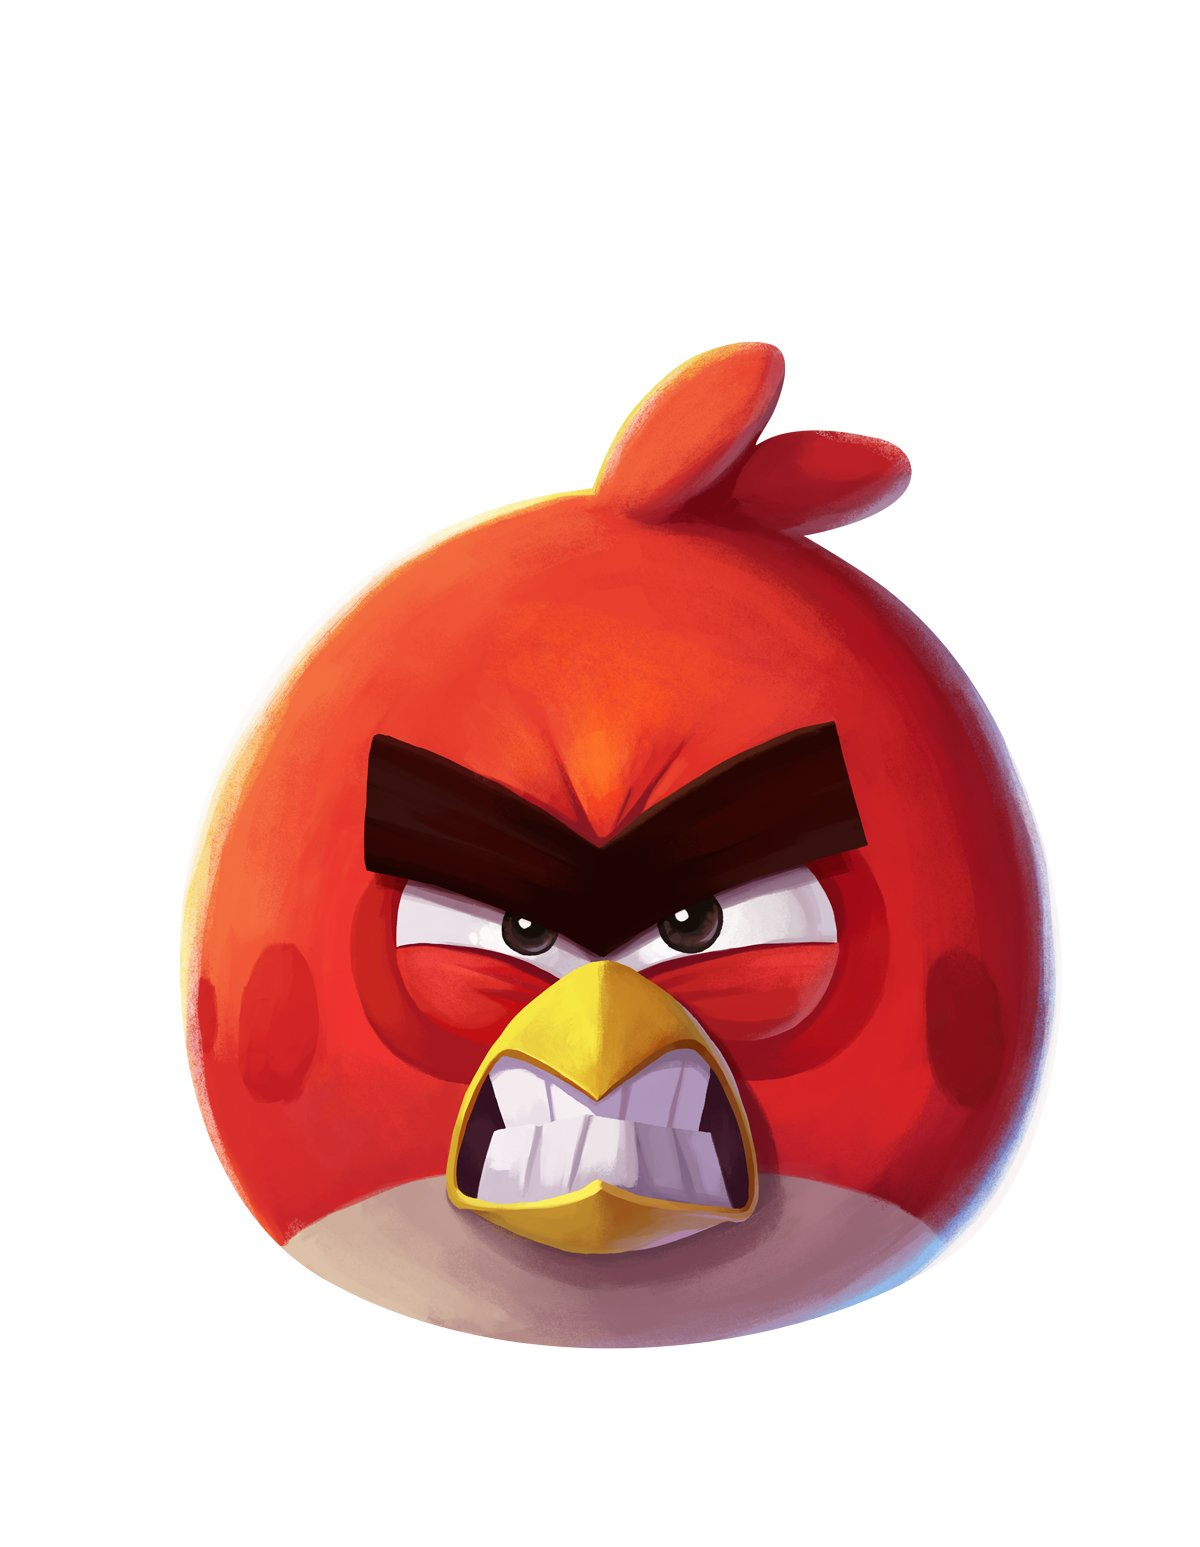 Imágenes de Angry Birds 2 para iOS - 3DJuegos